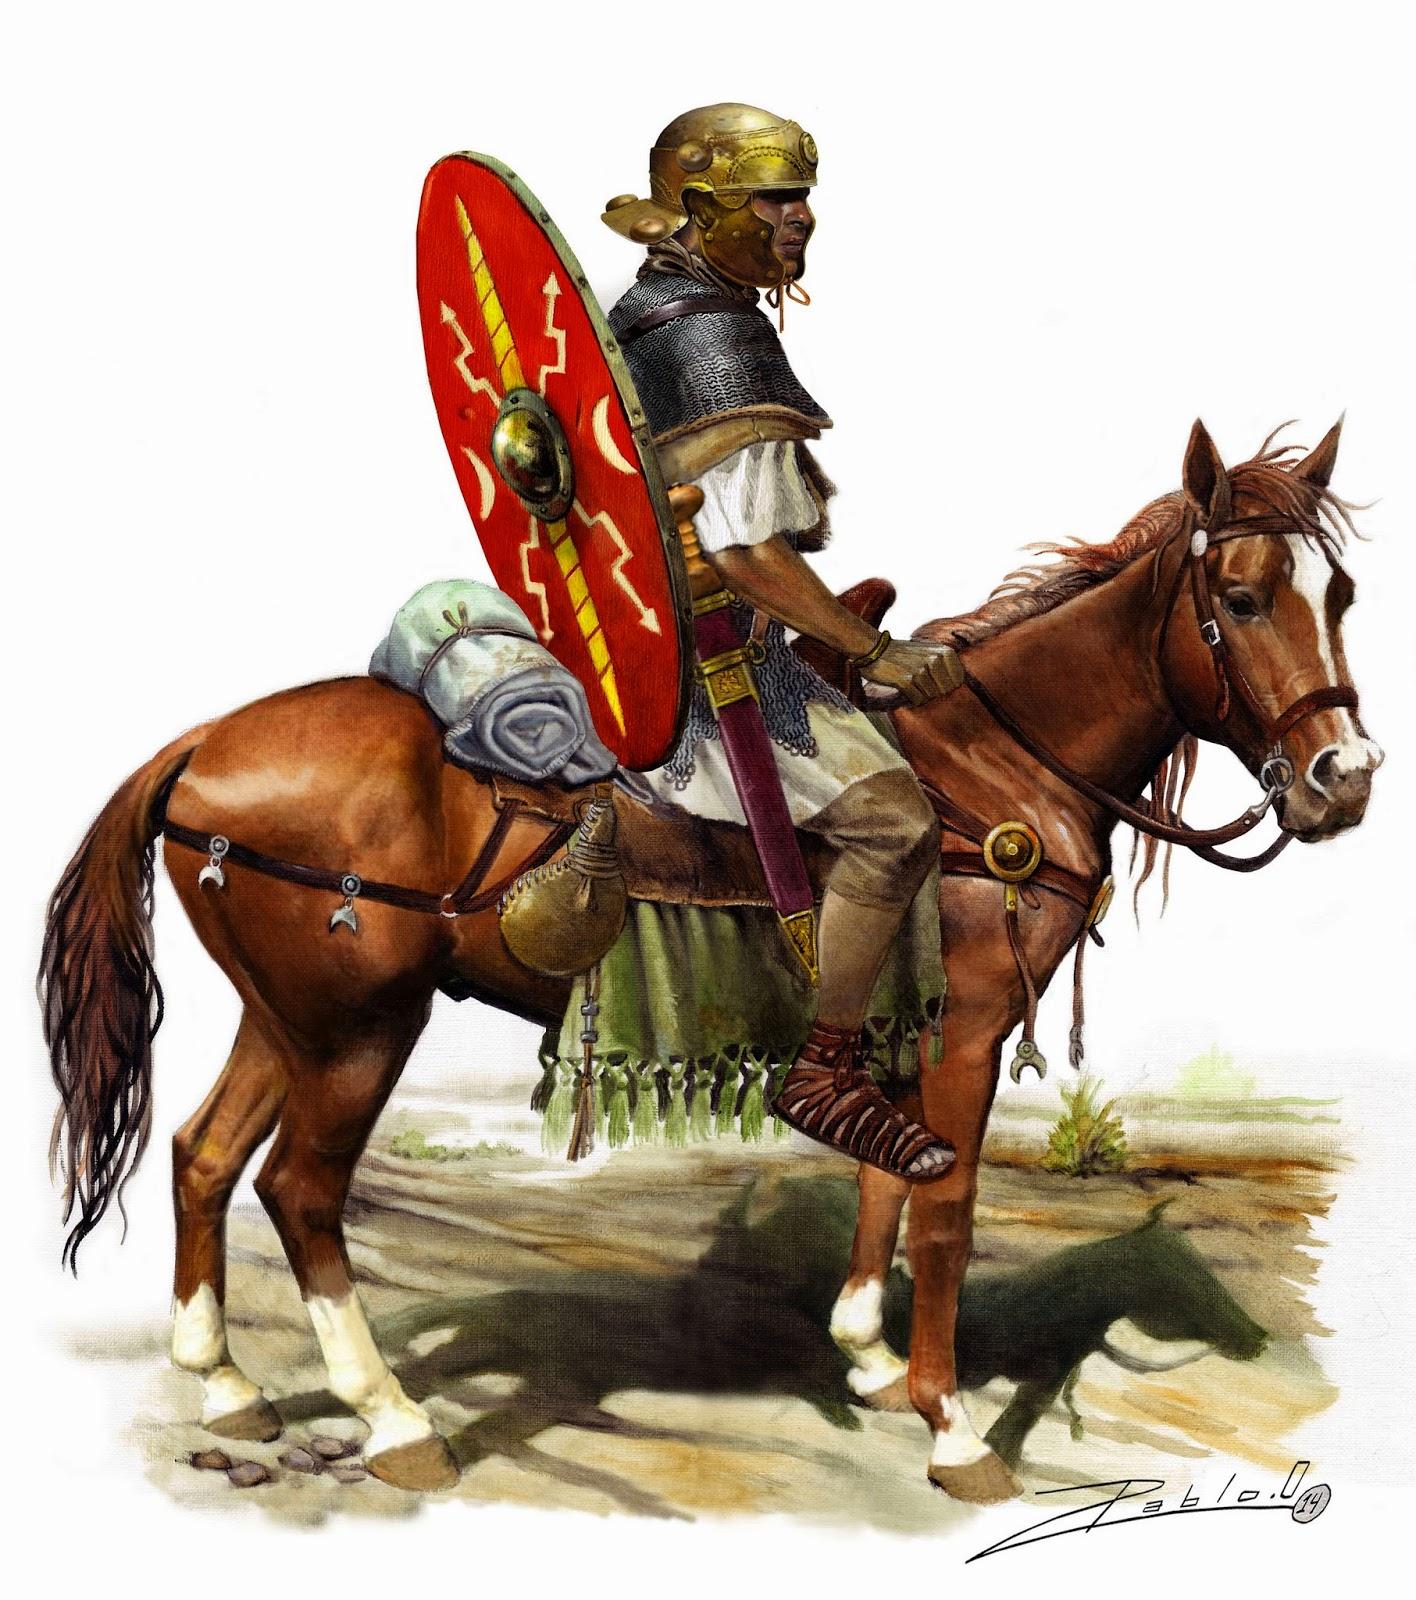 Auxiliar de caballería romano, siglo I DC.